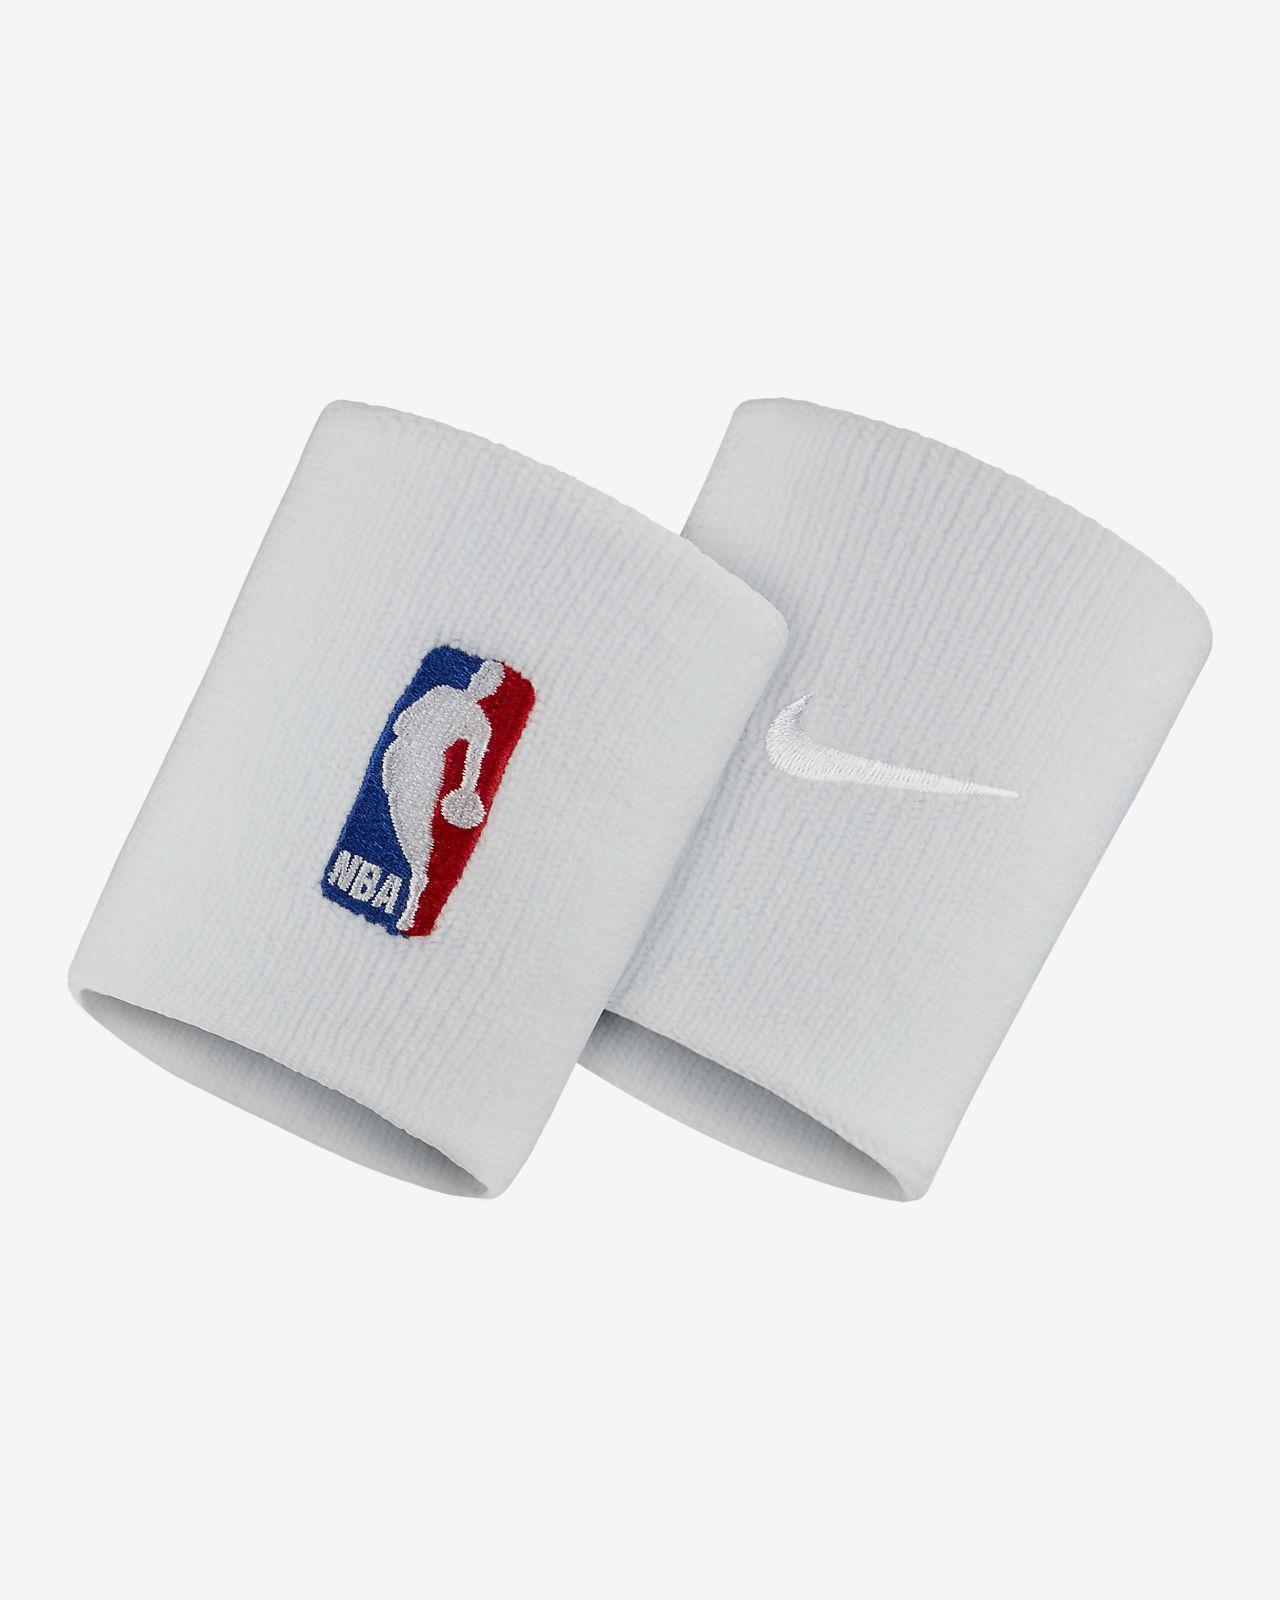 ナイキ NBA エリート バスケットボールリストバンド